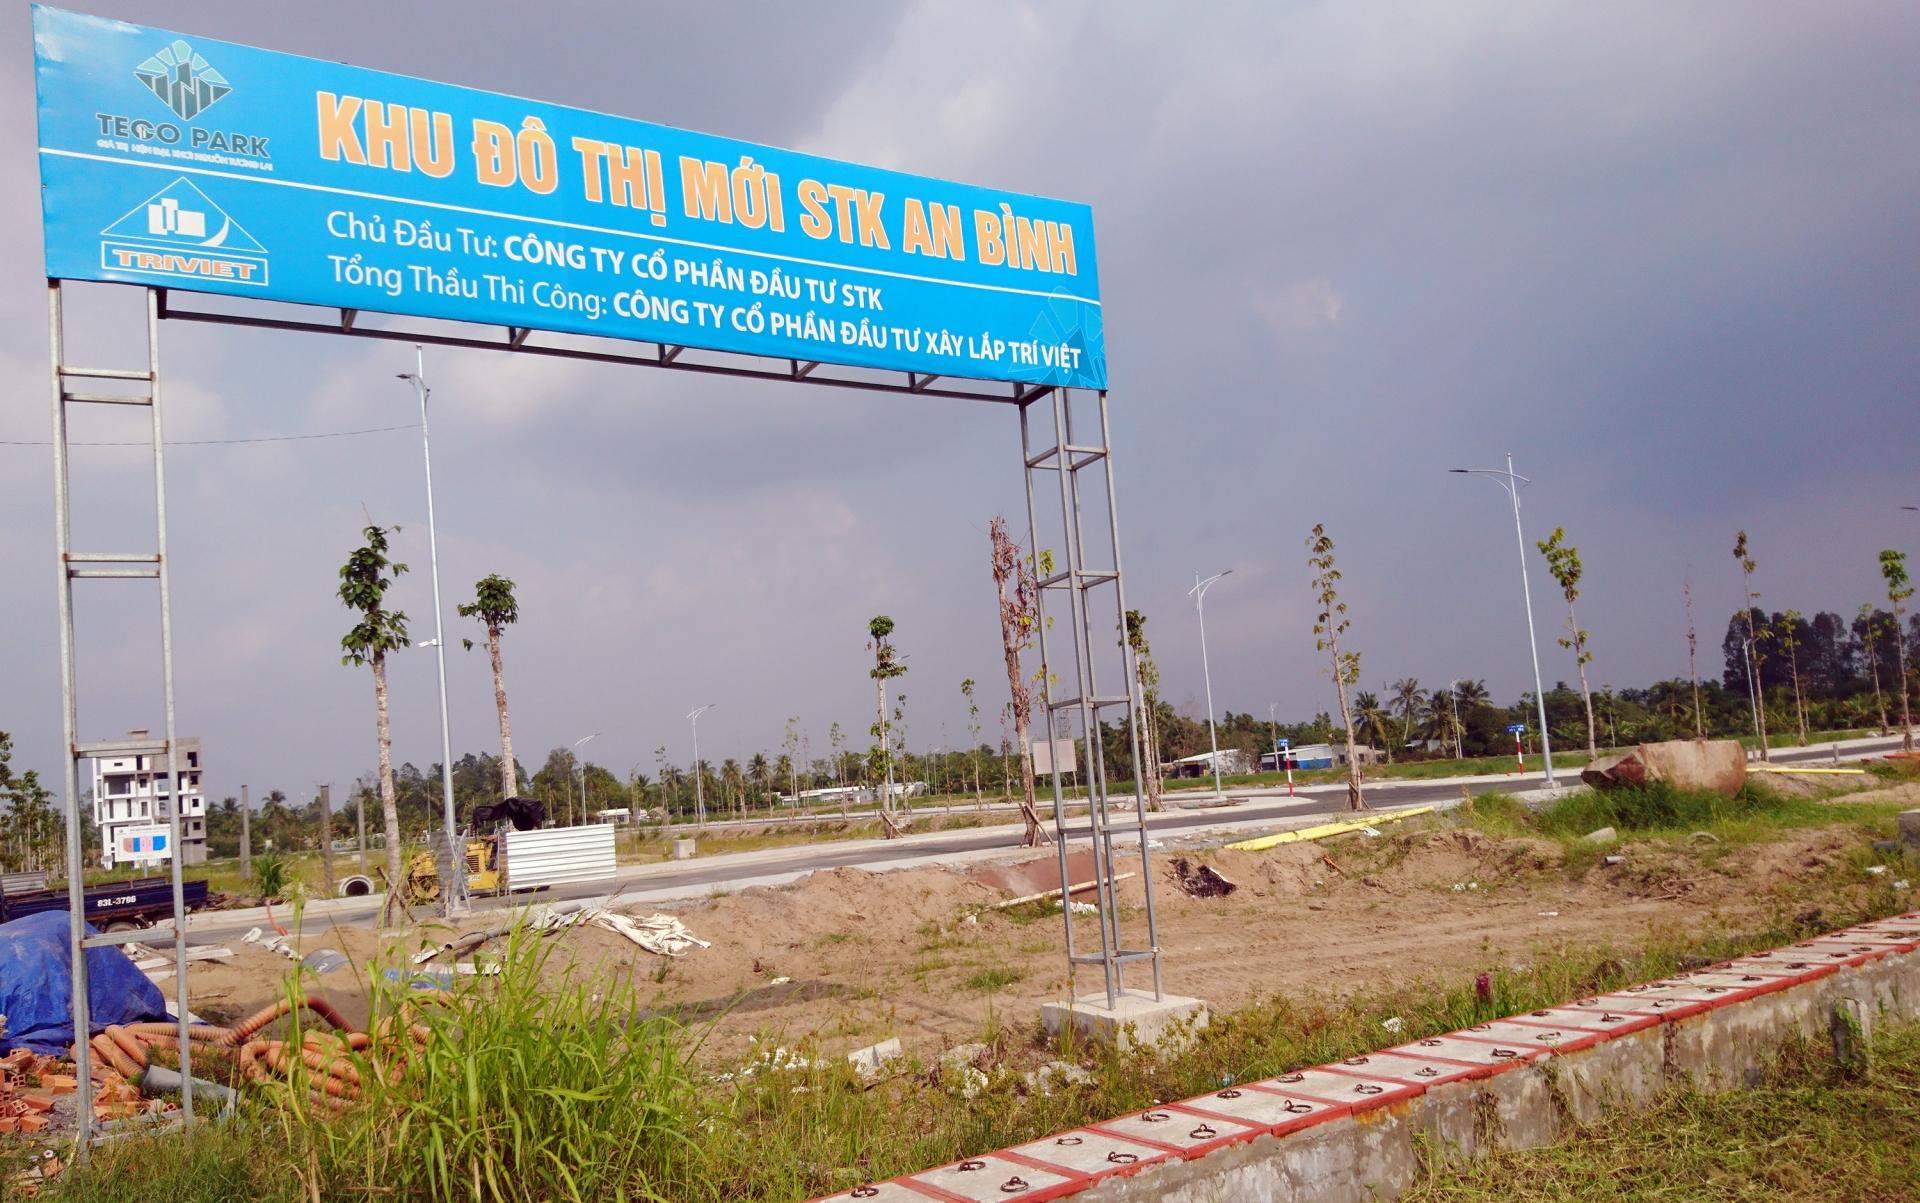 Thị trường bất động sản Đồng bằng sông Cửu Long nhiều triển vọng